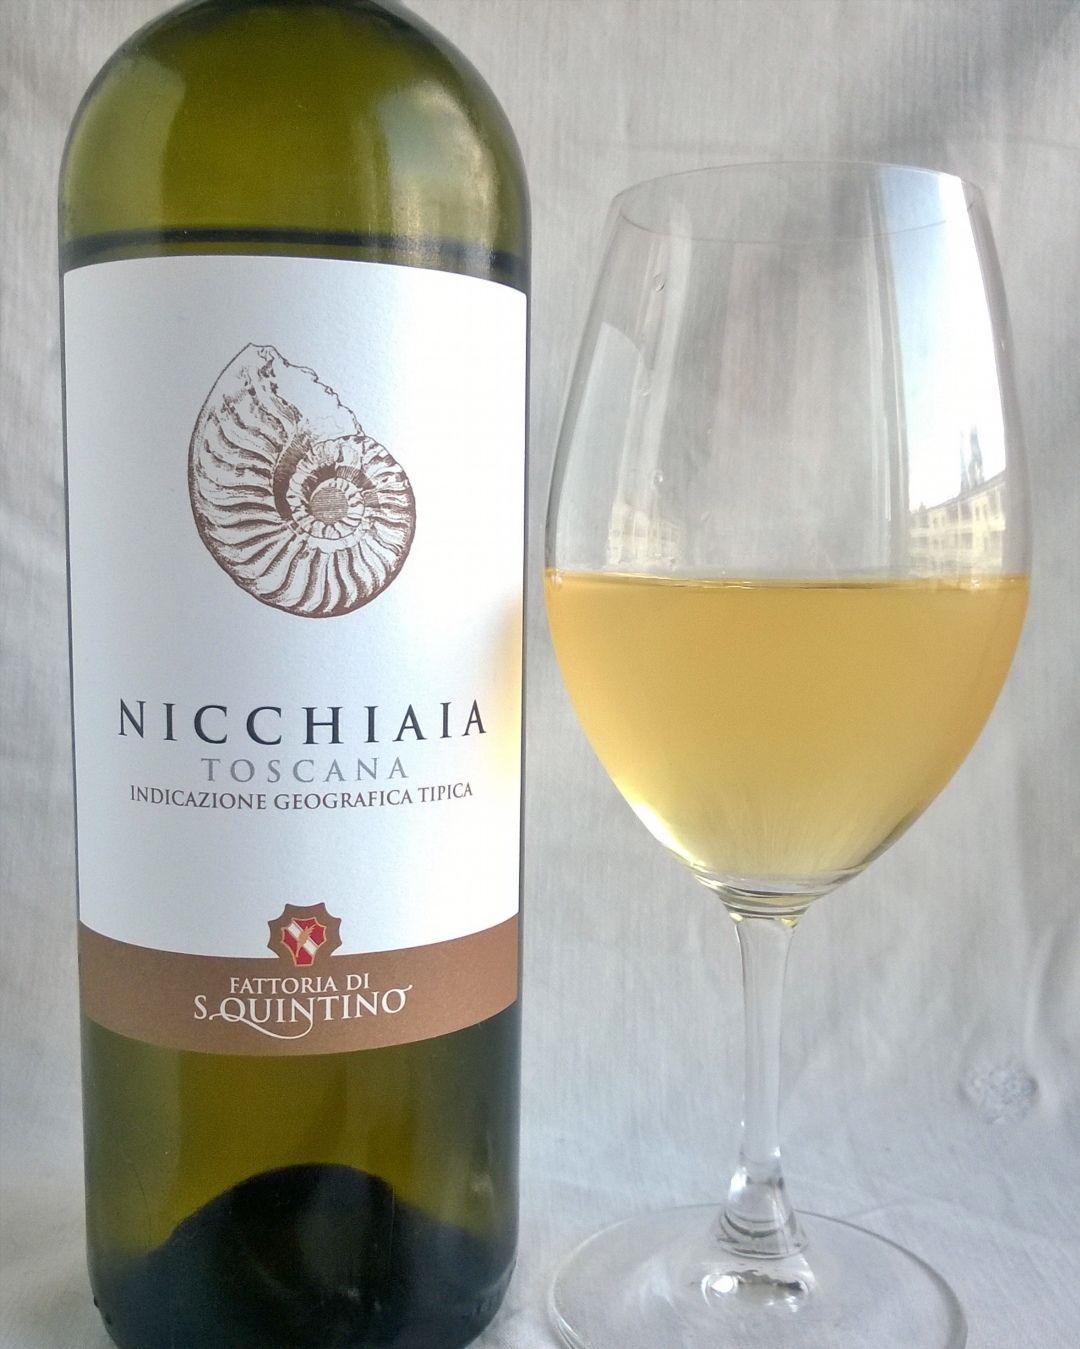 IGT Toscano Nicchiaia. Hurmaava Italialainen valkoviini Fattoria di Sanquintinolta jota olen saanut maistaa ensimmäisenä pohjoismaissa.  @fattoriasanquintino #toscano#nicchiaia#trebbianotoscana#trebbiano#malvasia#italianwine#whitewine#tuscany#valkoviini#lasissa #winetasting#sommelier